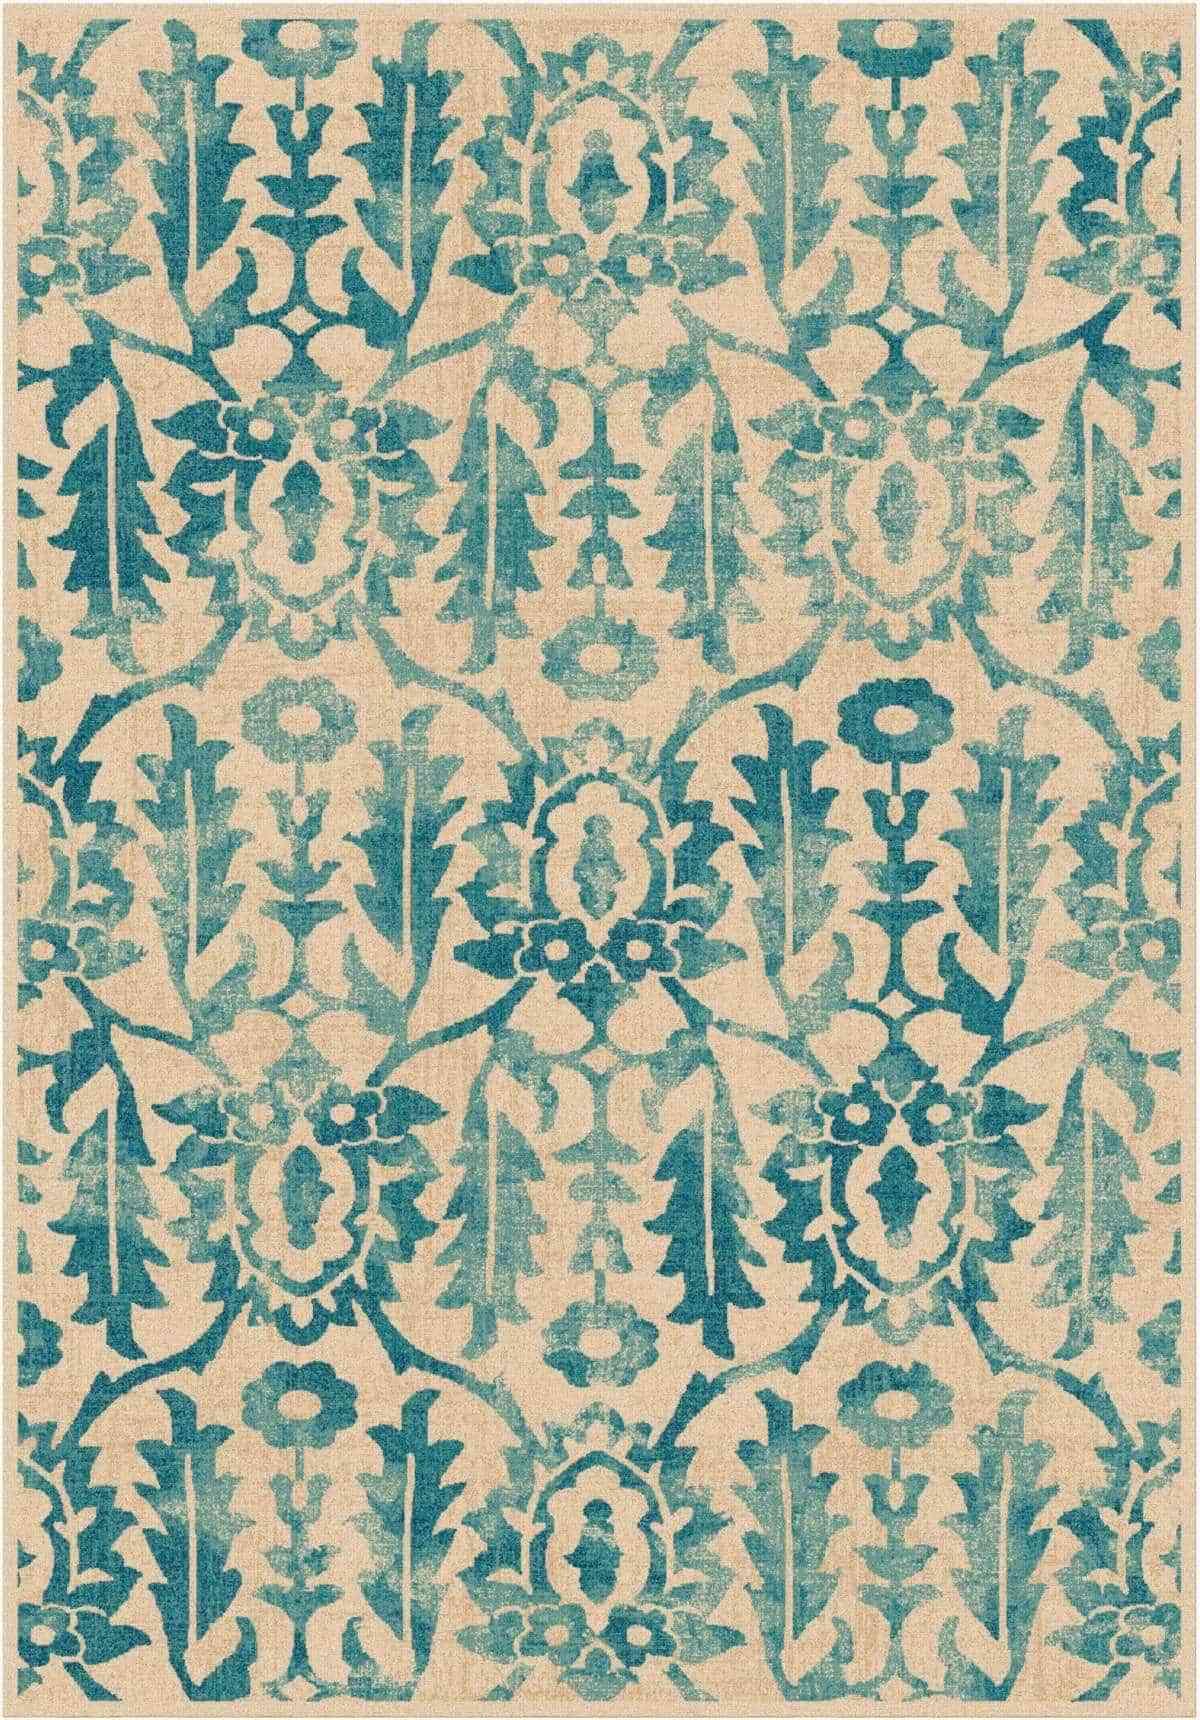 colecciones textiles - Ready de Grancedo